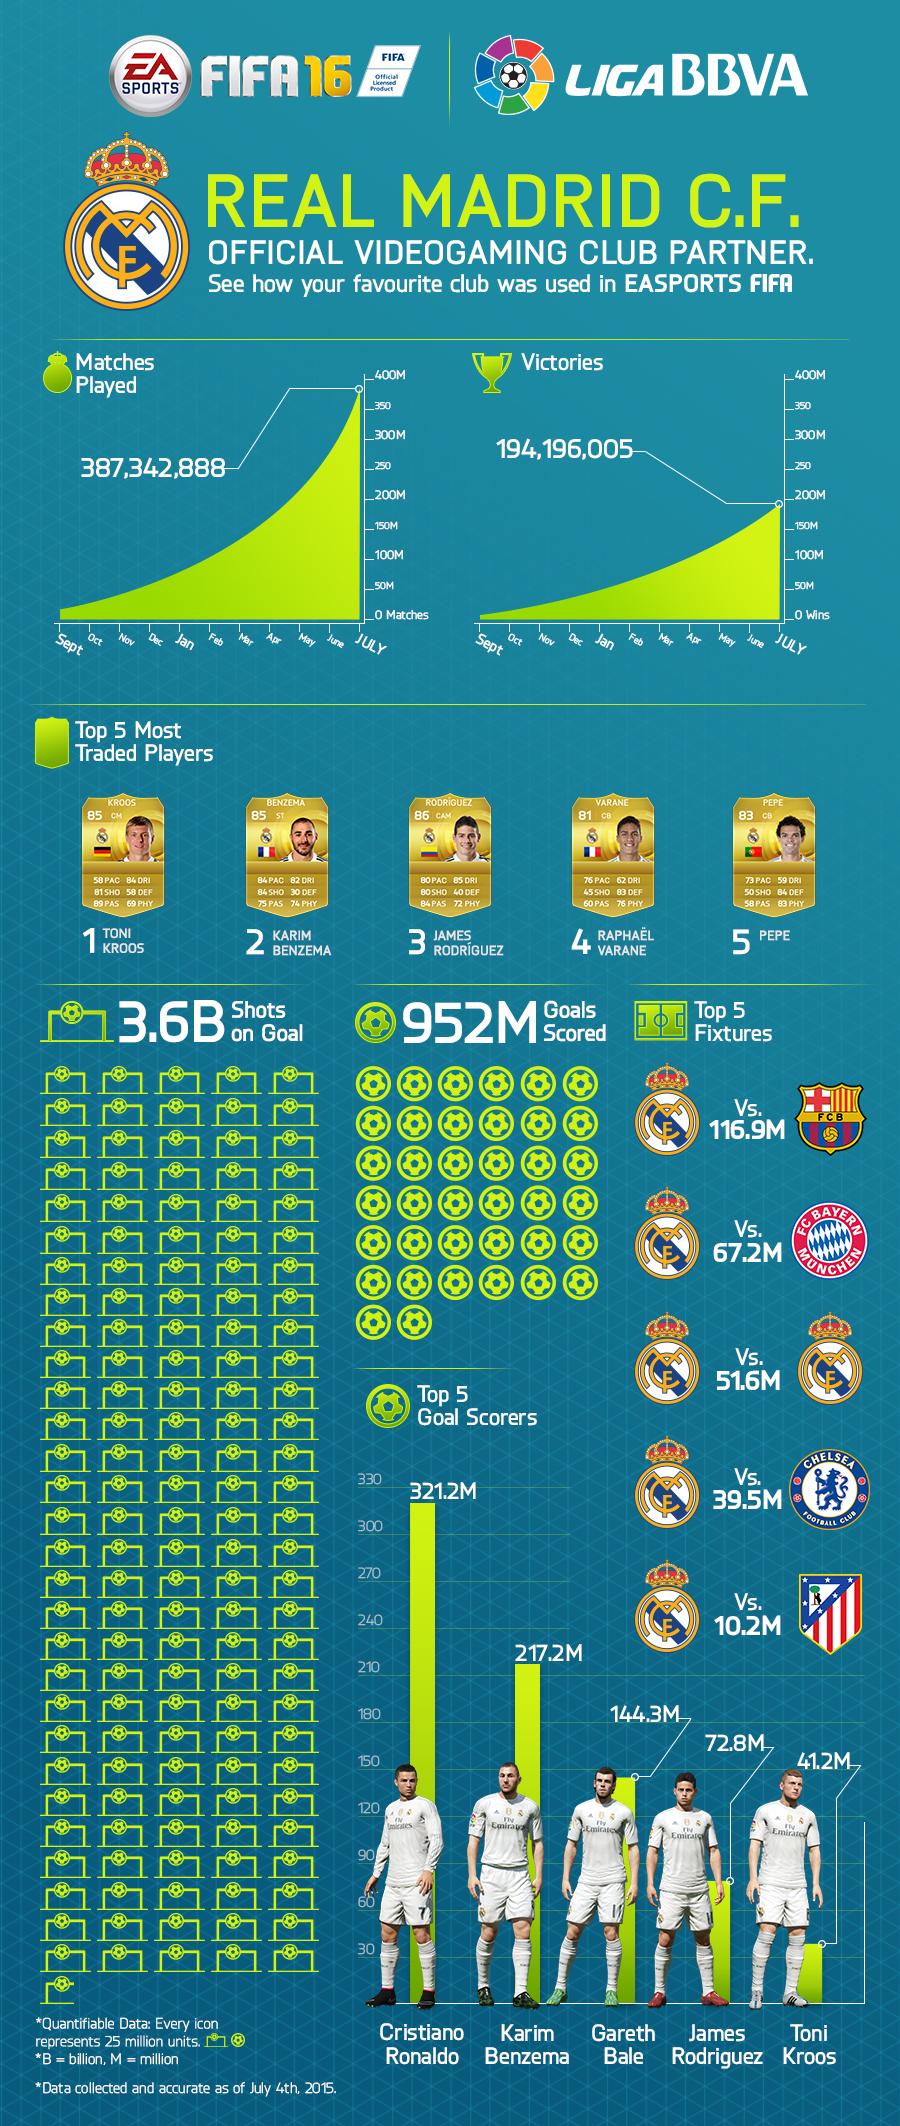 ea sports Real Madrid FIFA 16